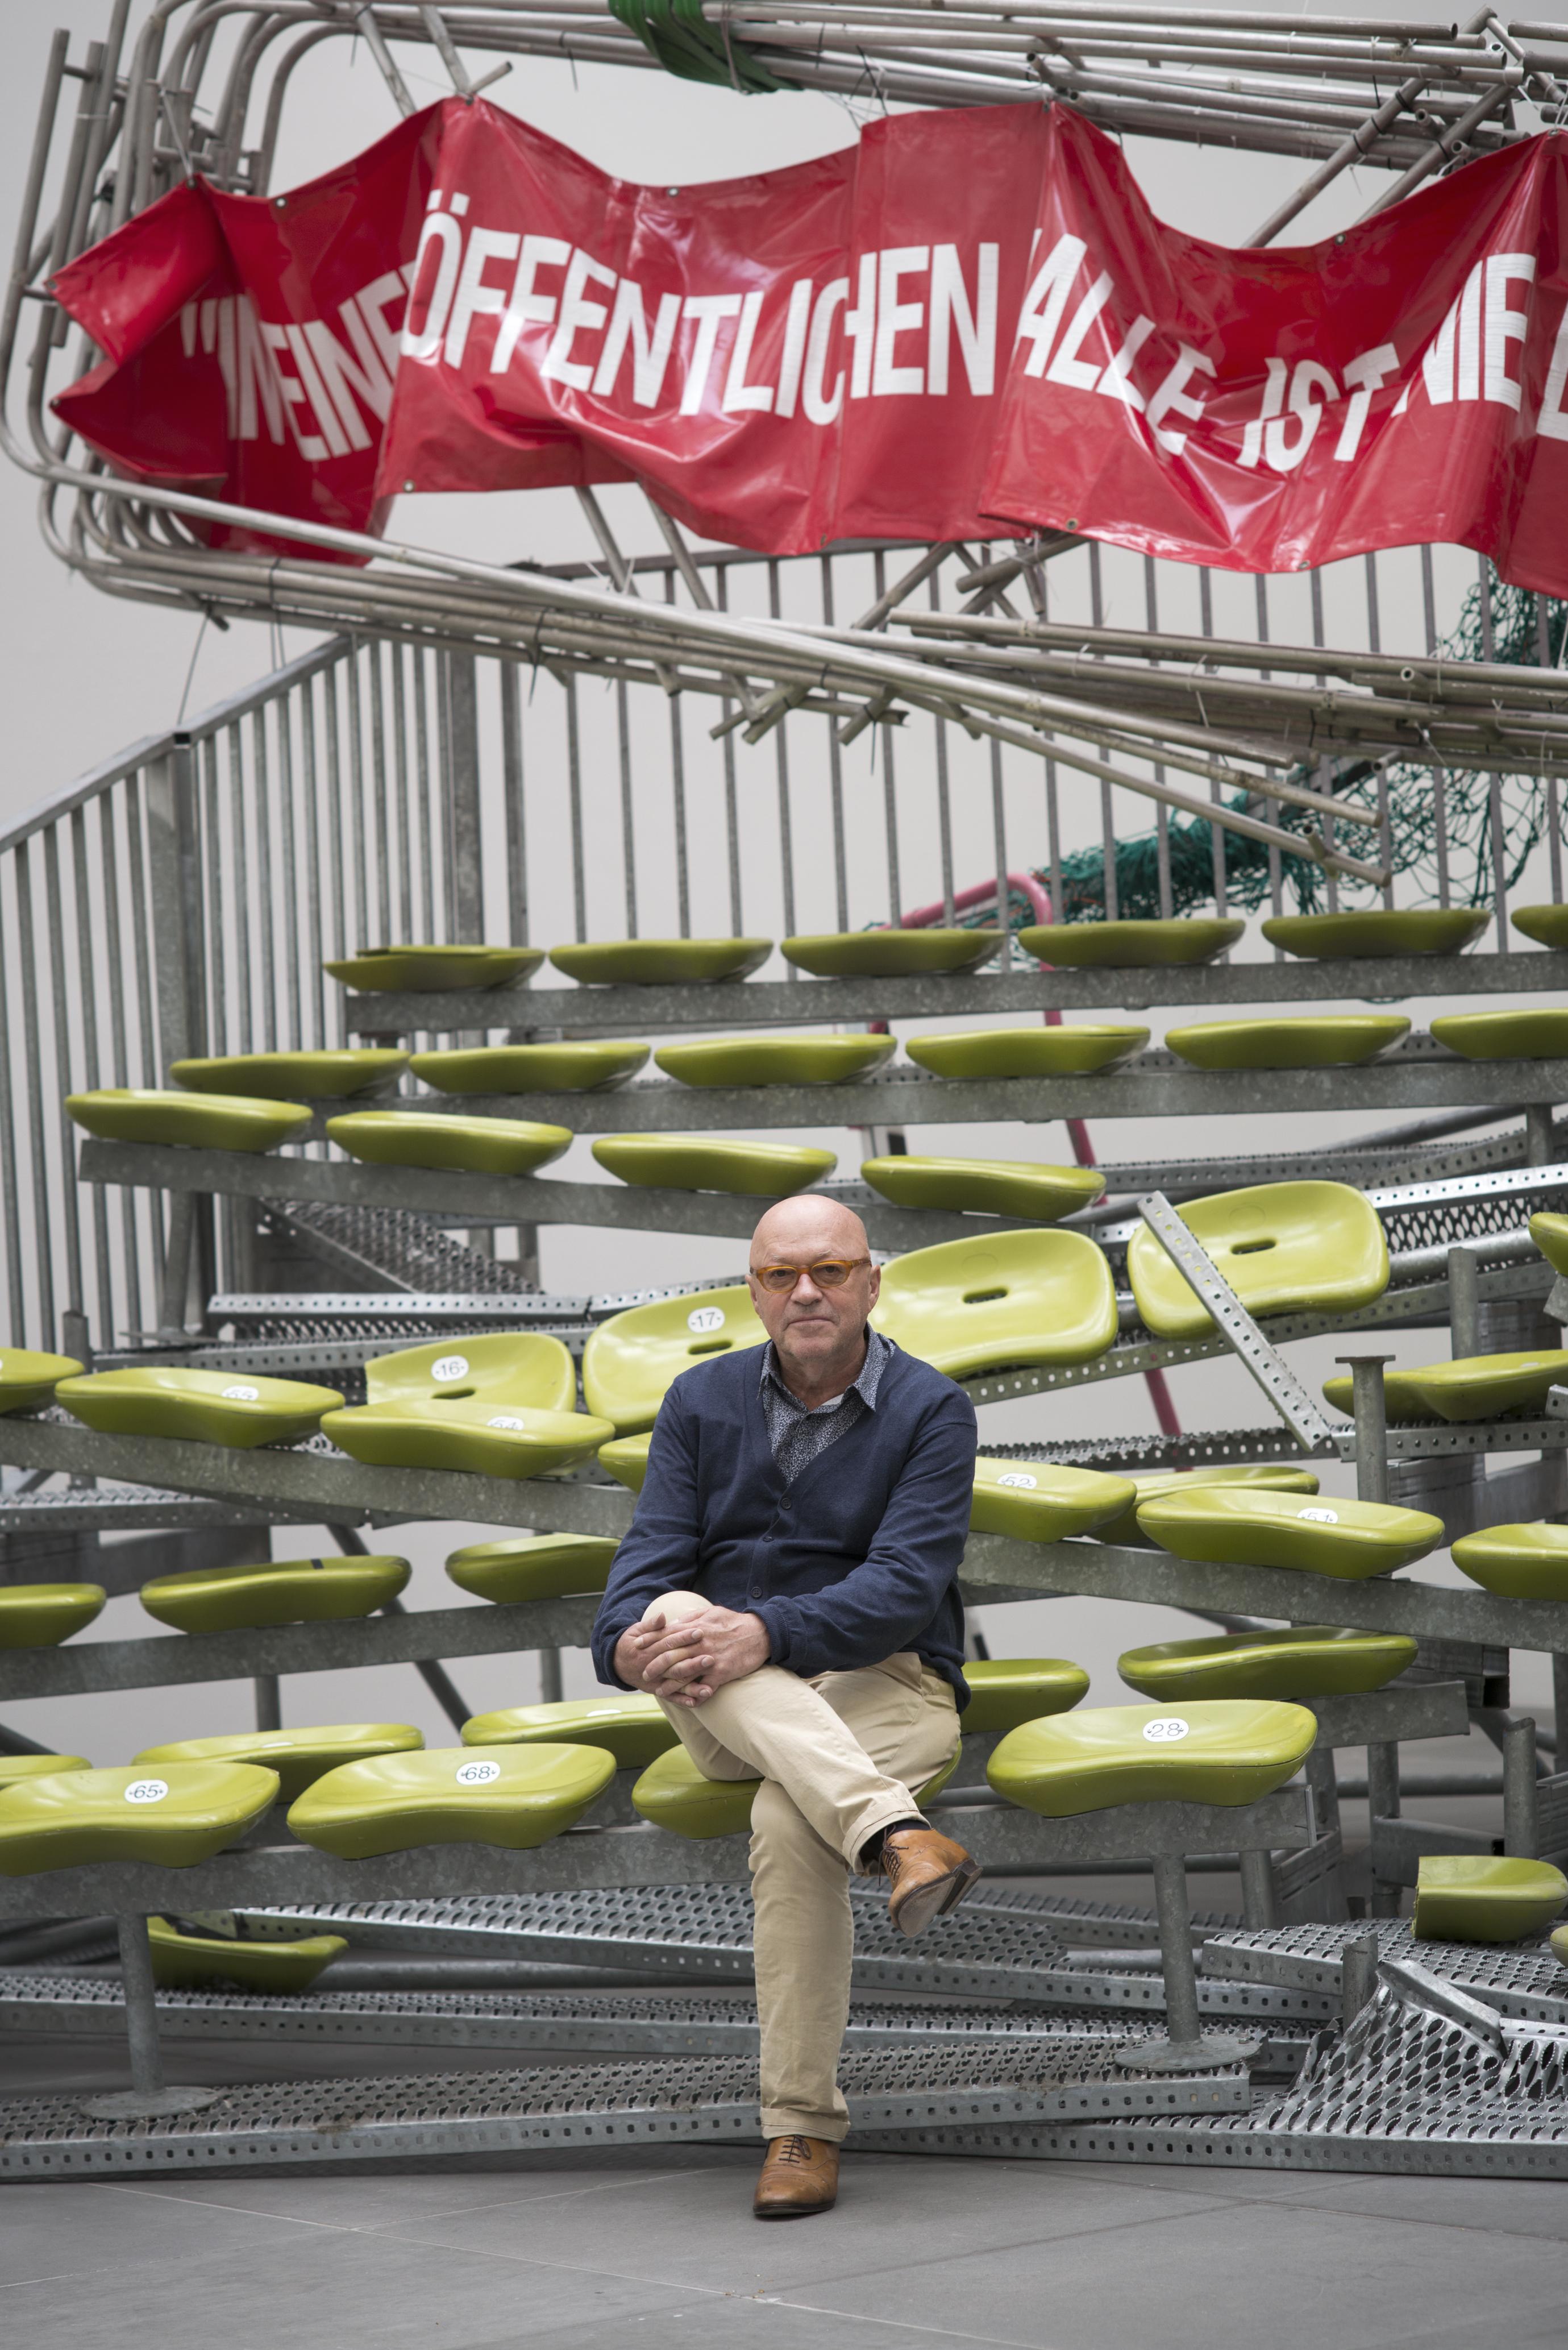 """Olaf Metzel, """"In einer öffentlichen Halle ist nie ein Mensch zum Fegen da"""", 1996/2014 / Olaf Metzel, """"Auf Wiedersehen"""", 1996/2015 © Olaf Metzel / VG Bild-Kunst, Bonn, 2015 · Foto: Leonie Felle"""